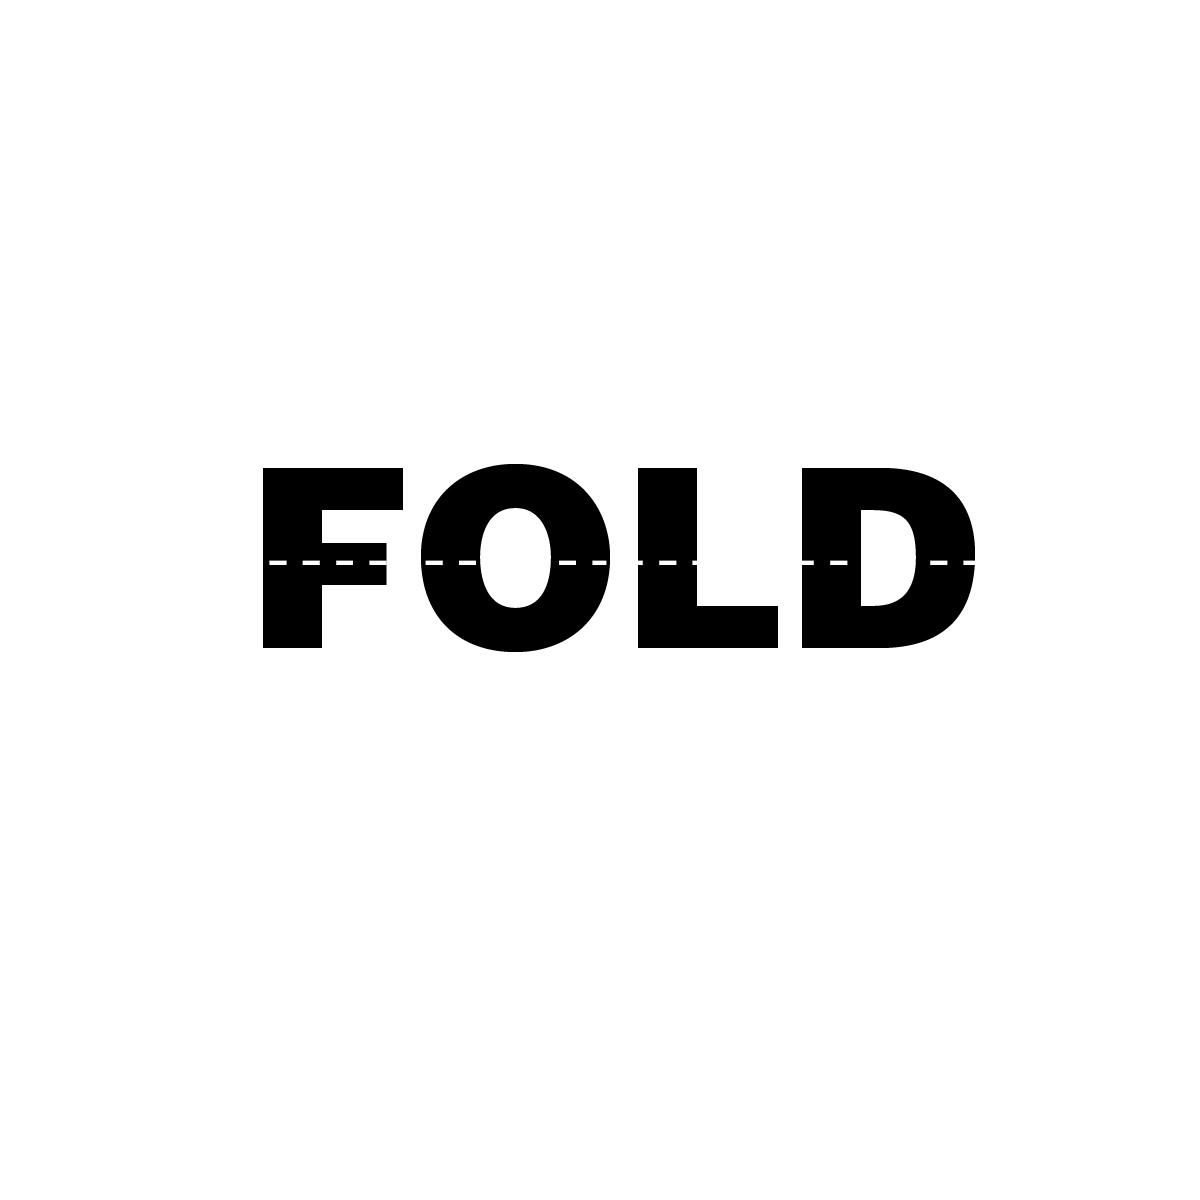 fold_fold.jpg